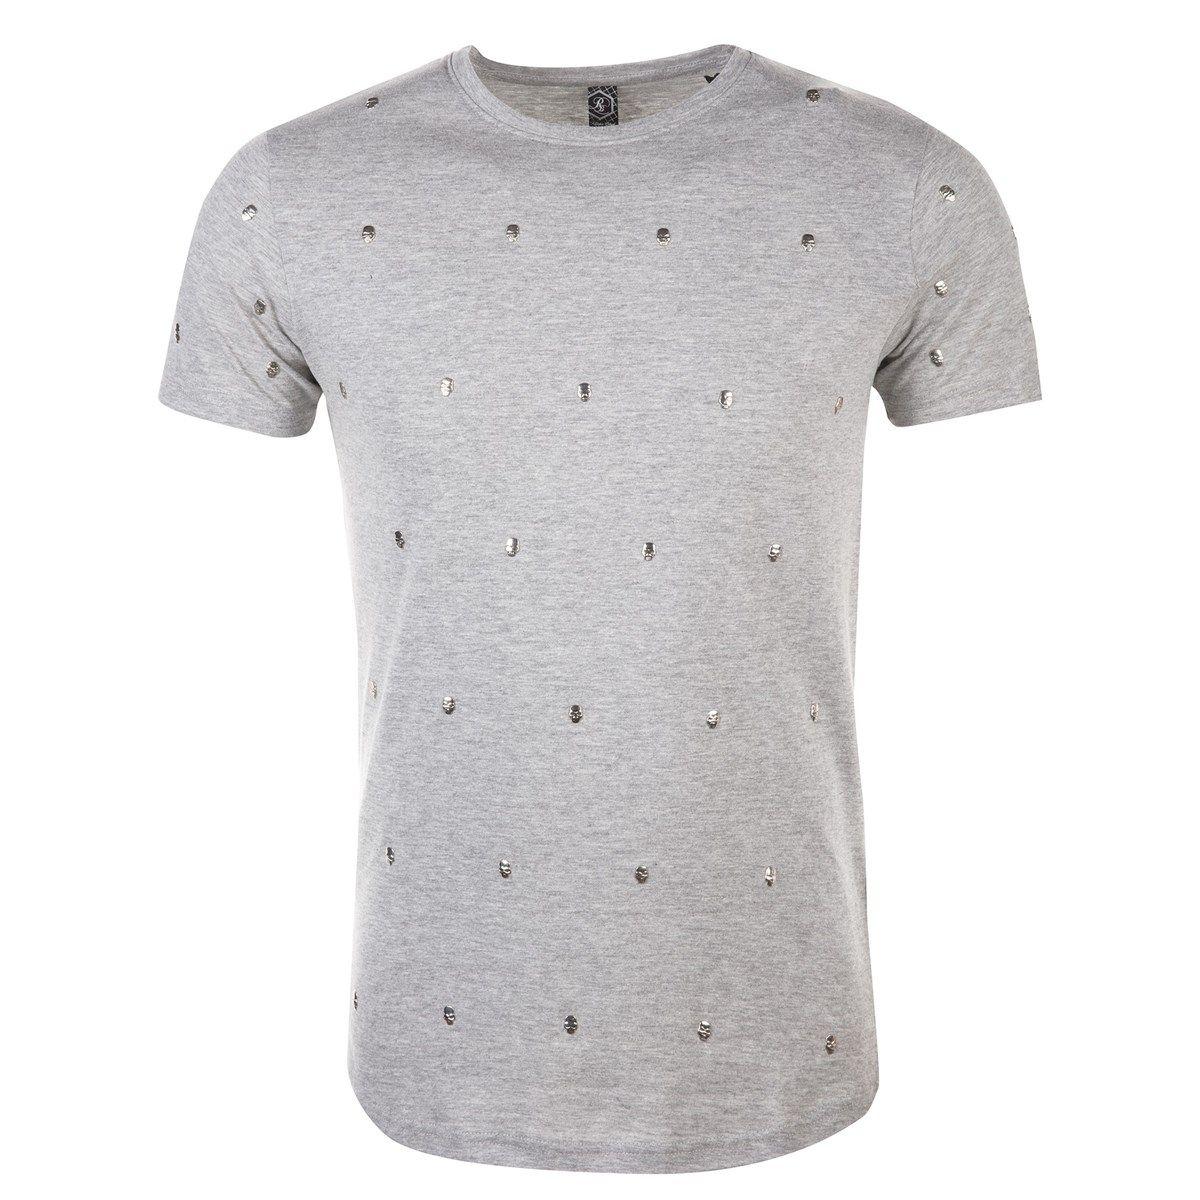 T-shirt en coton tête de mort